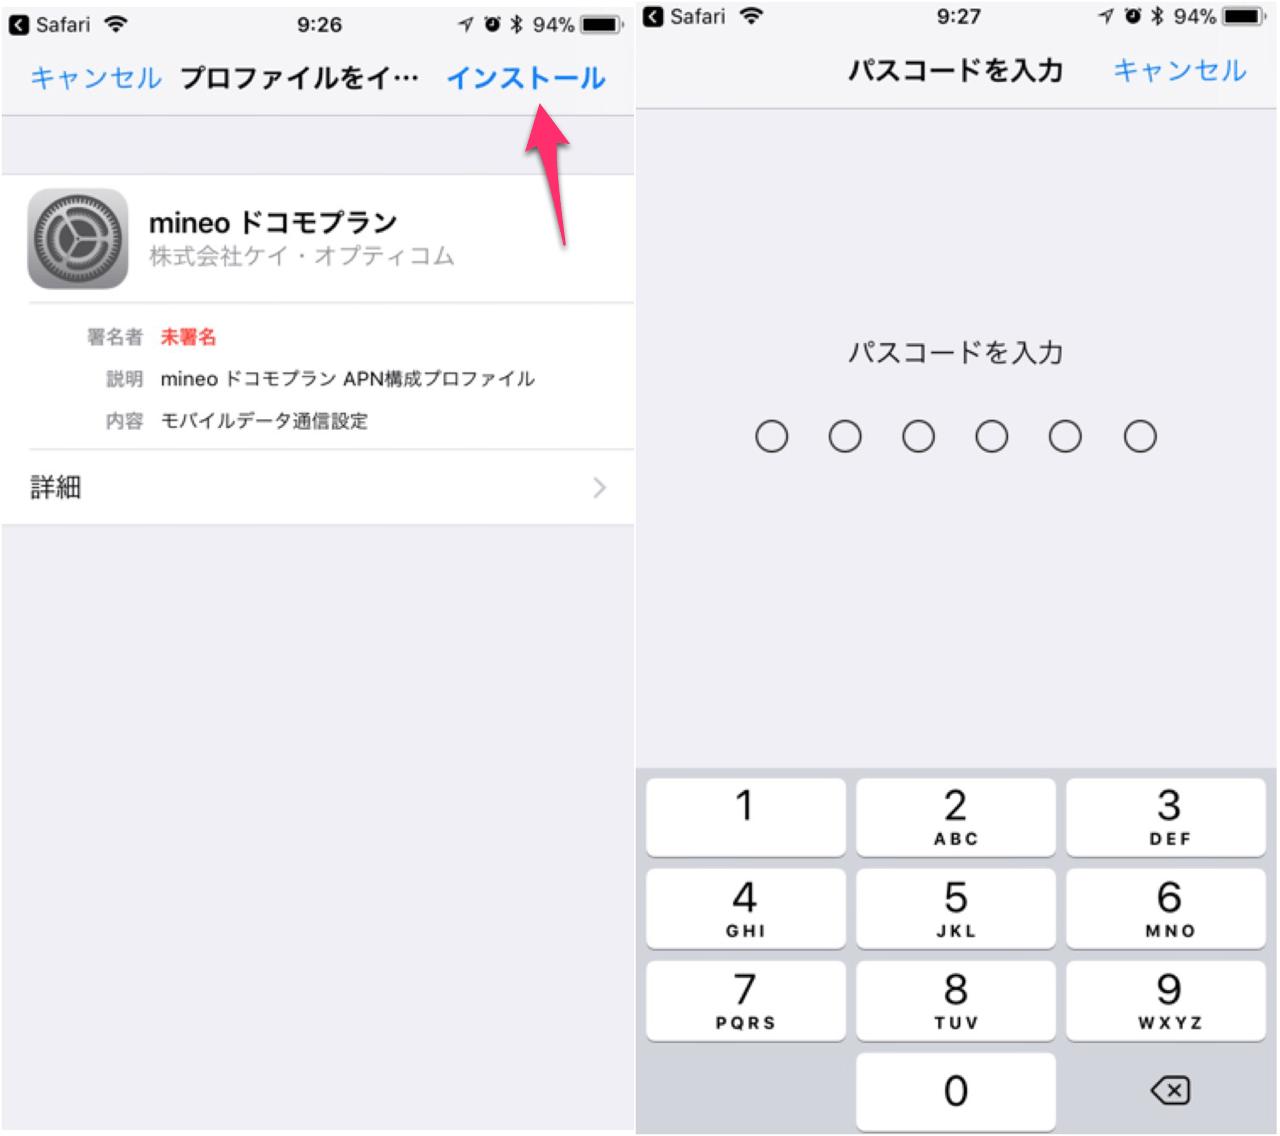 mineo(マイネオ)のプロファイルをダウンロードします。